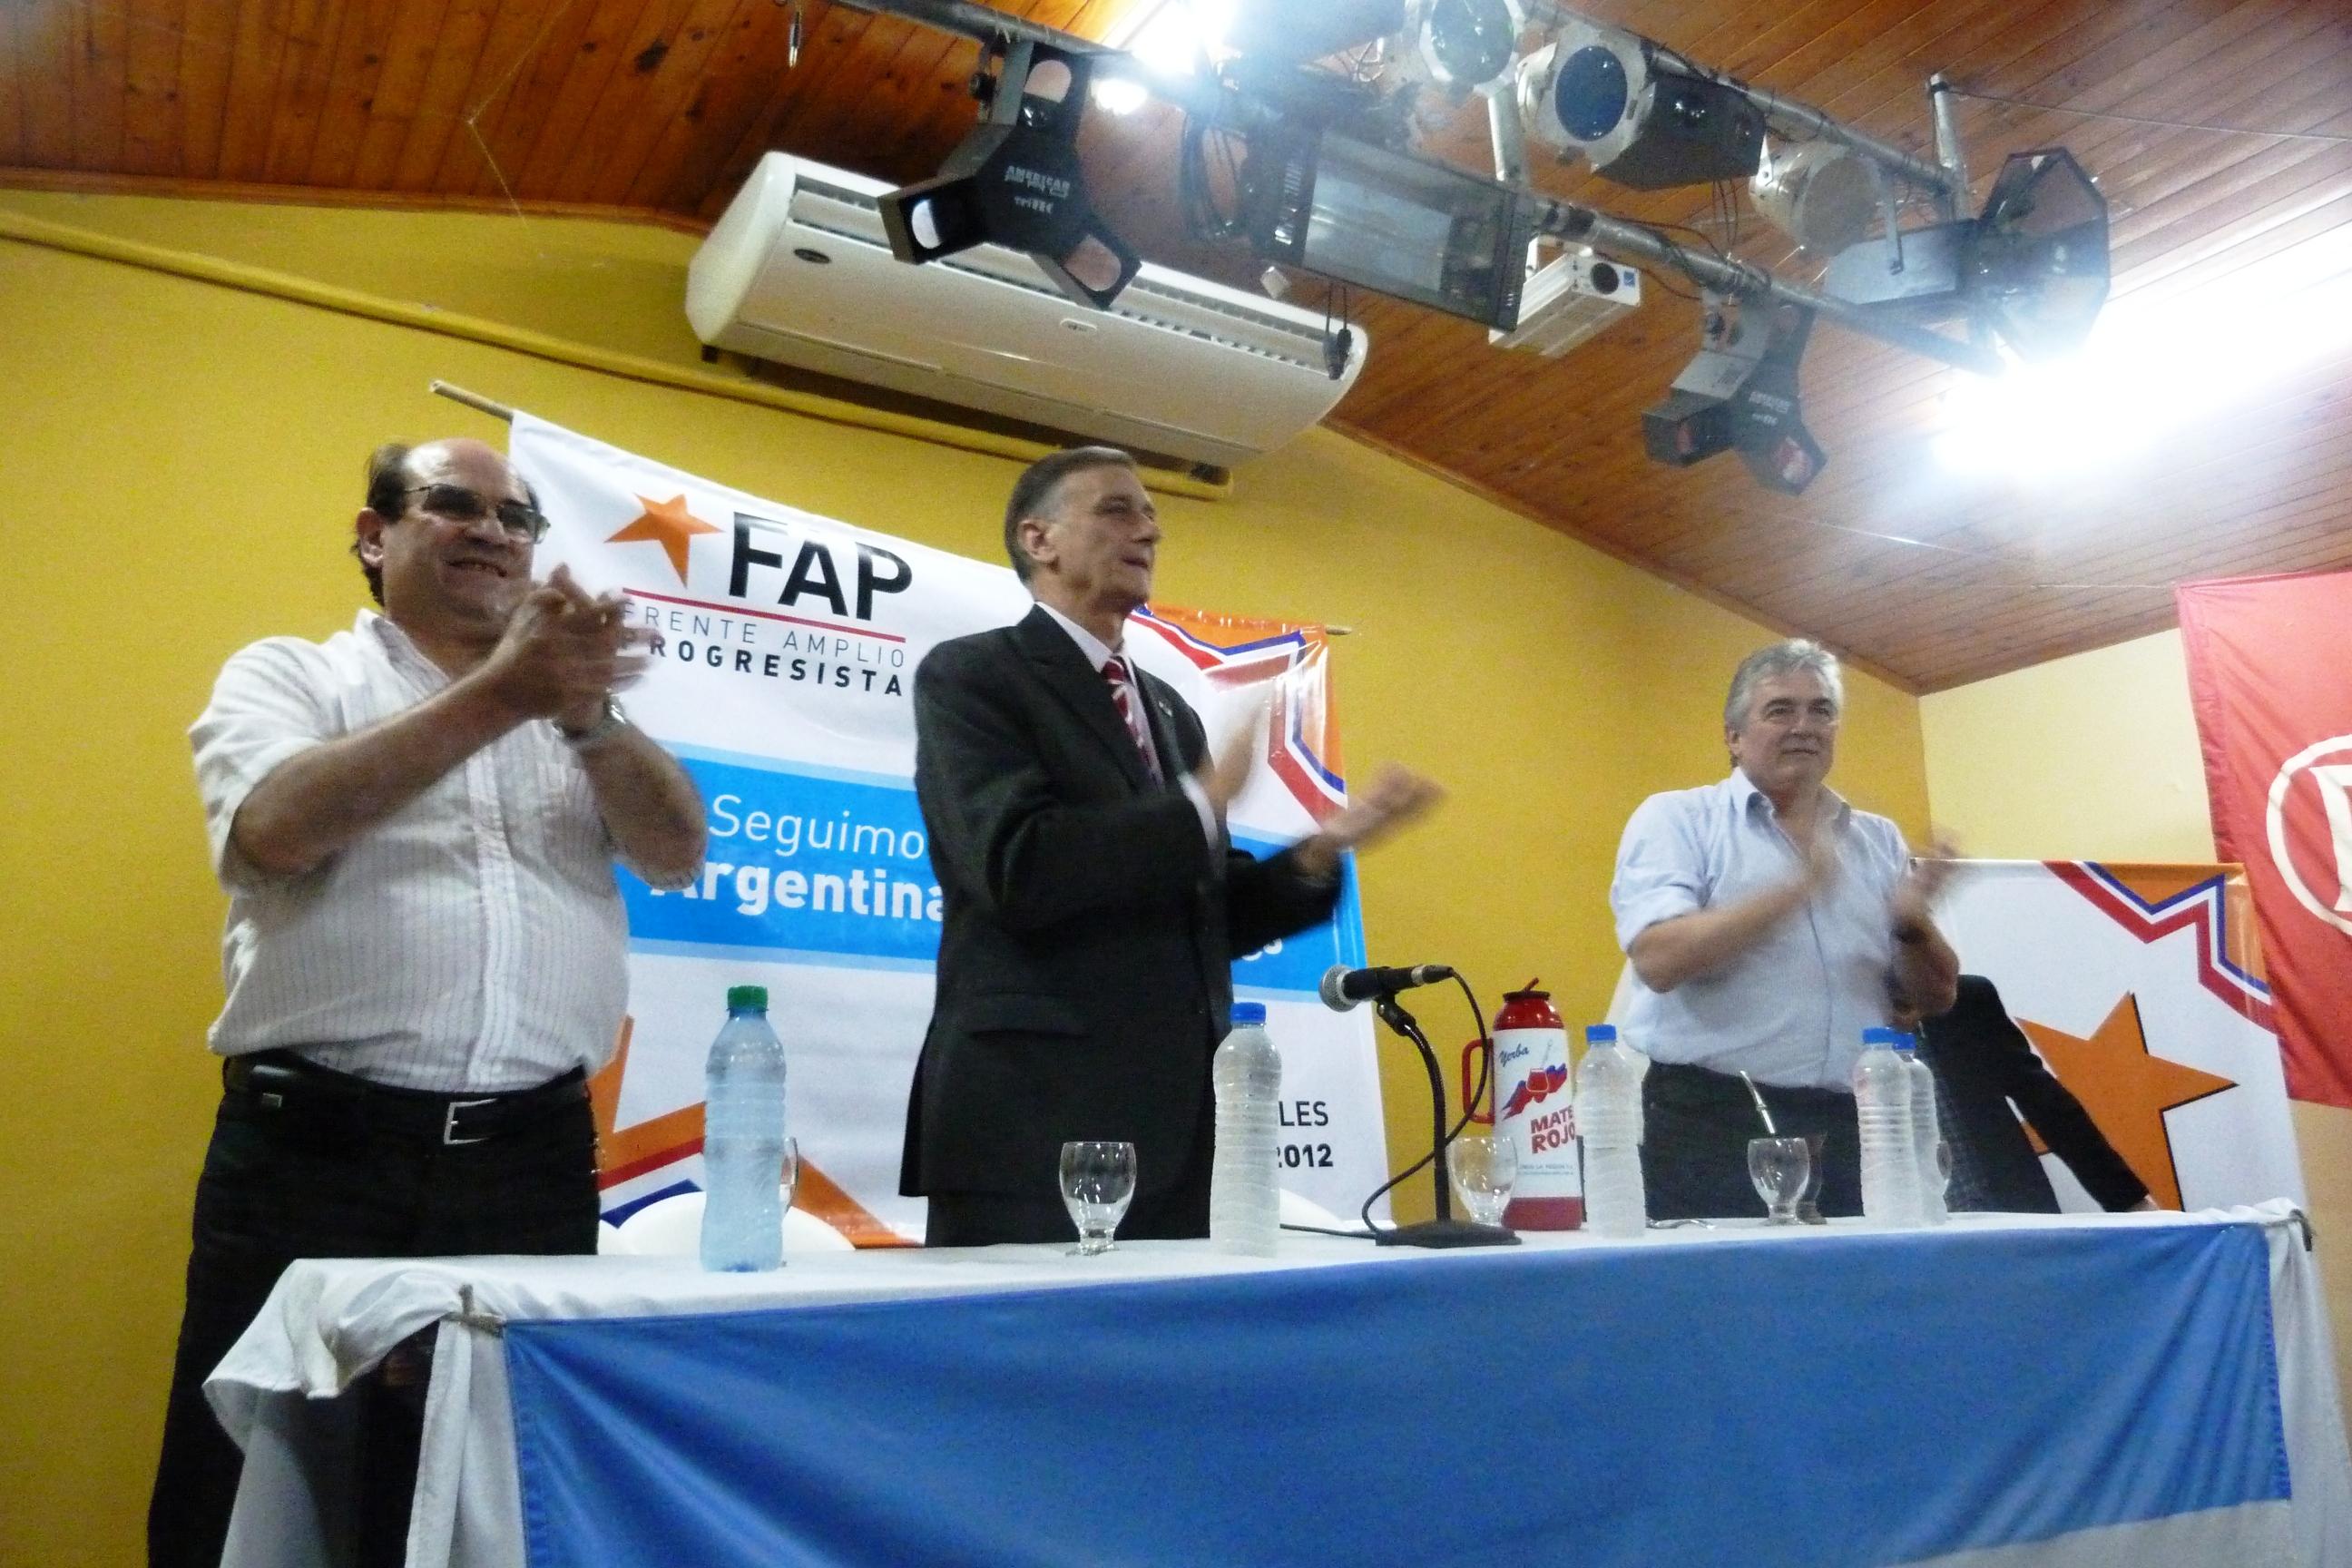 El acto del Fap realizado esta tarde en el club Sarmiento.